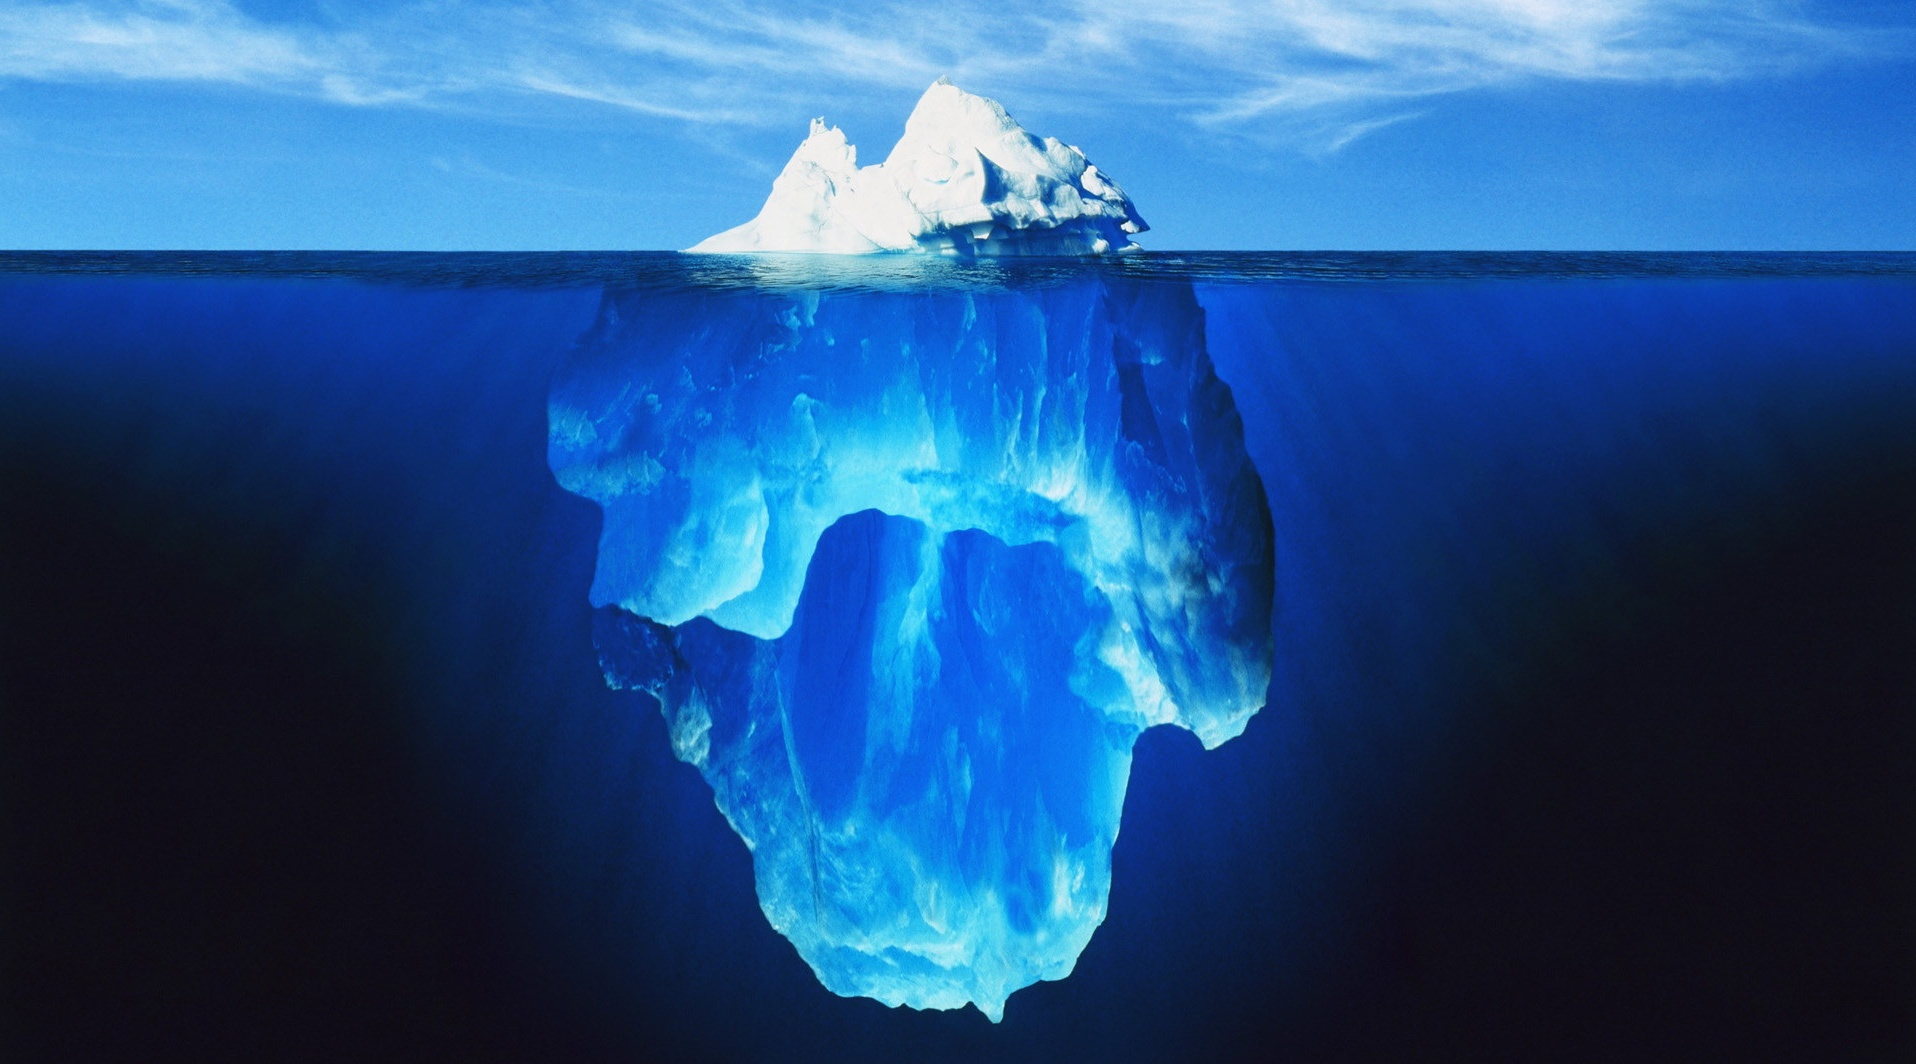 視察旅行という海外旅行は、氷山の一角というのもバカバカしい